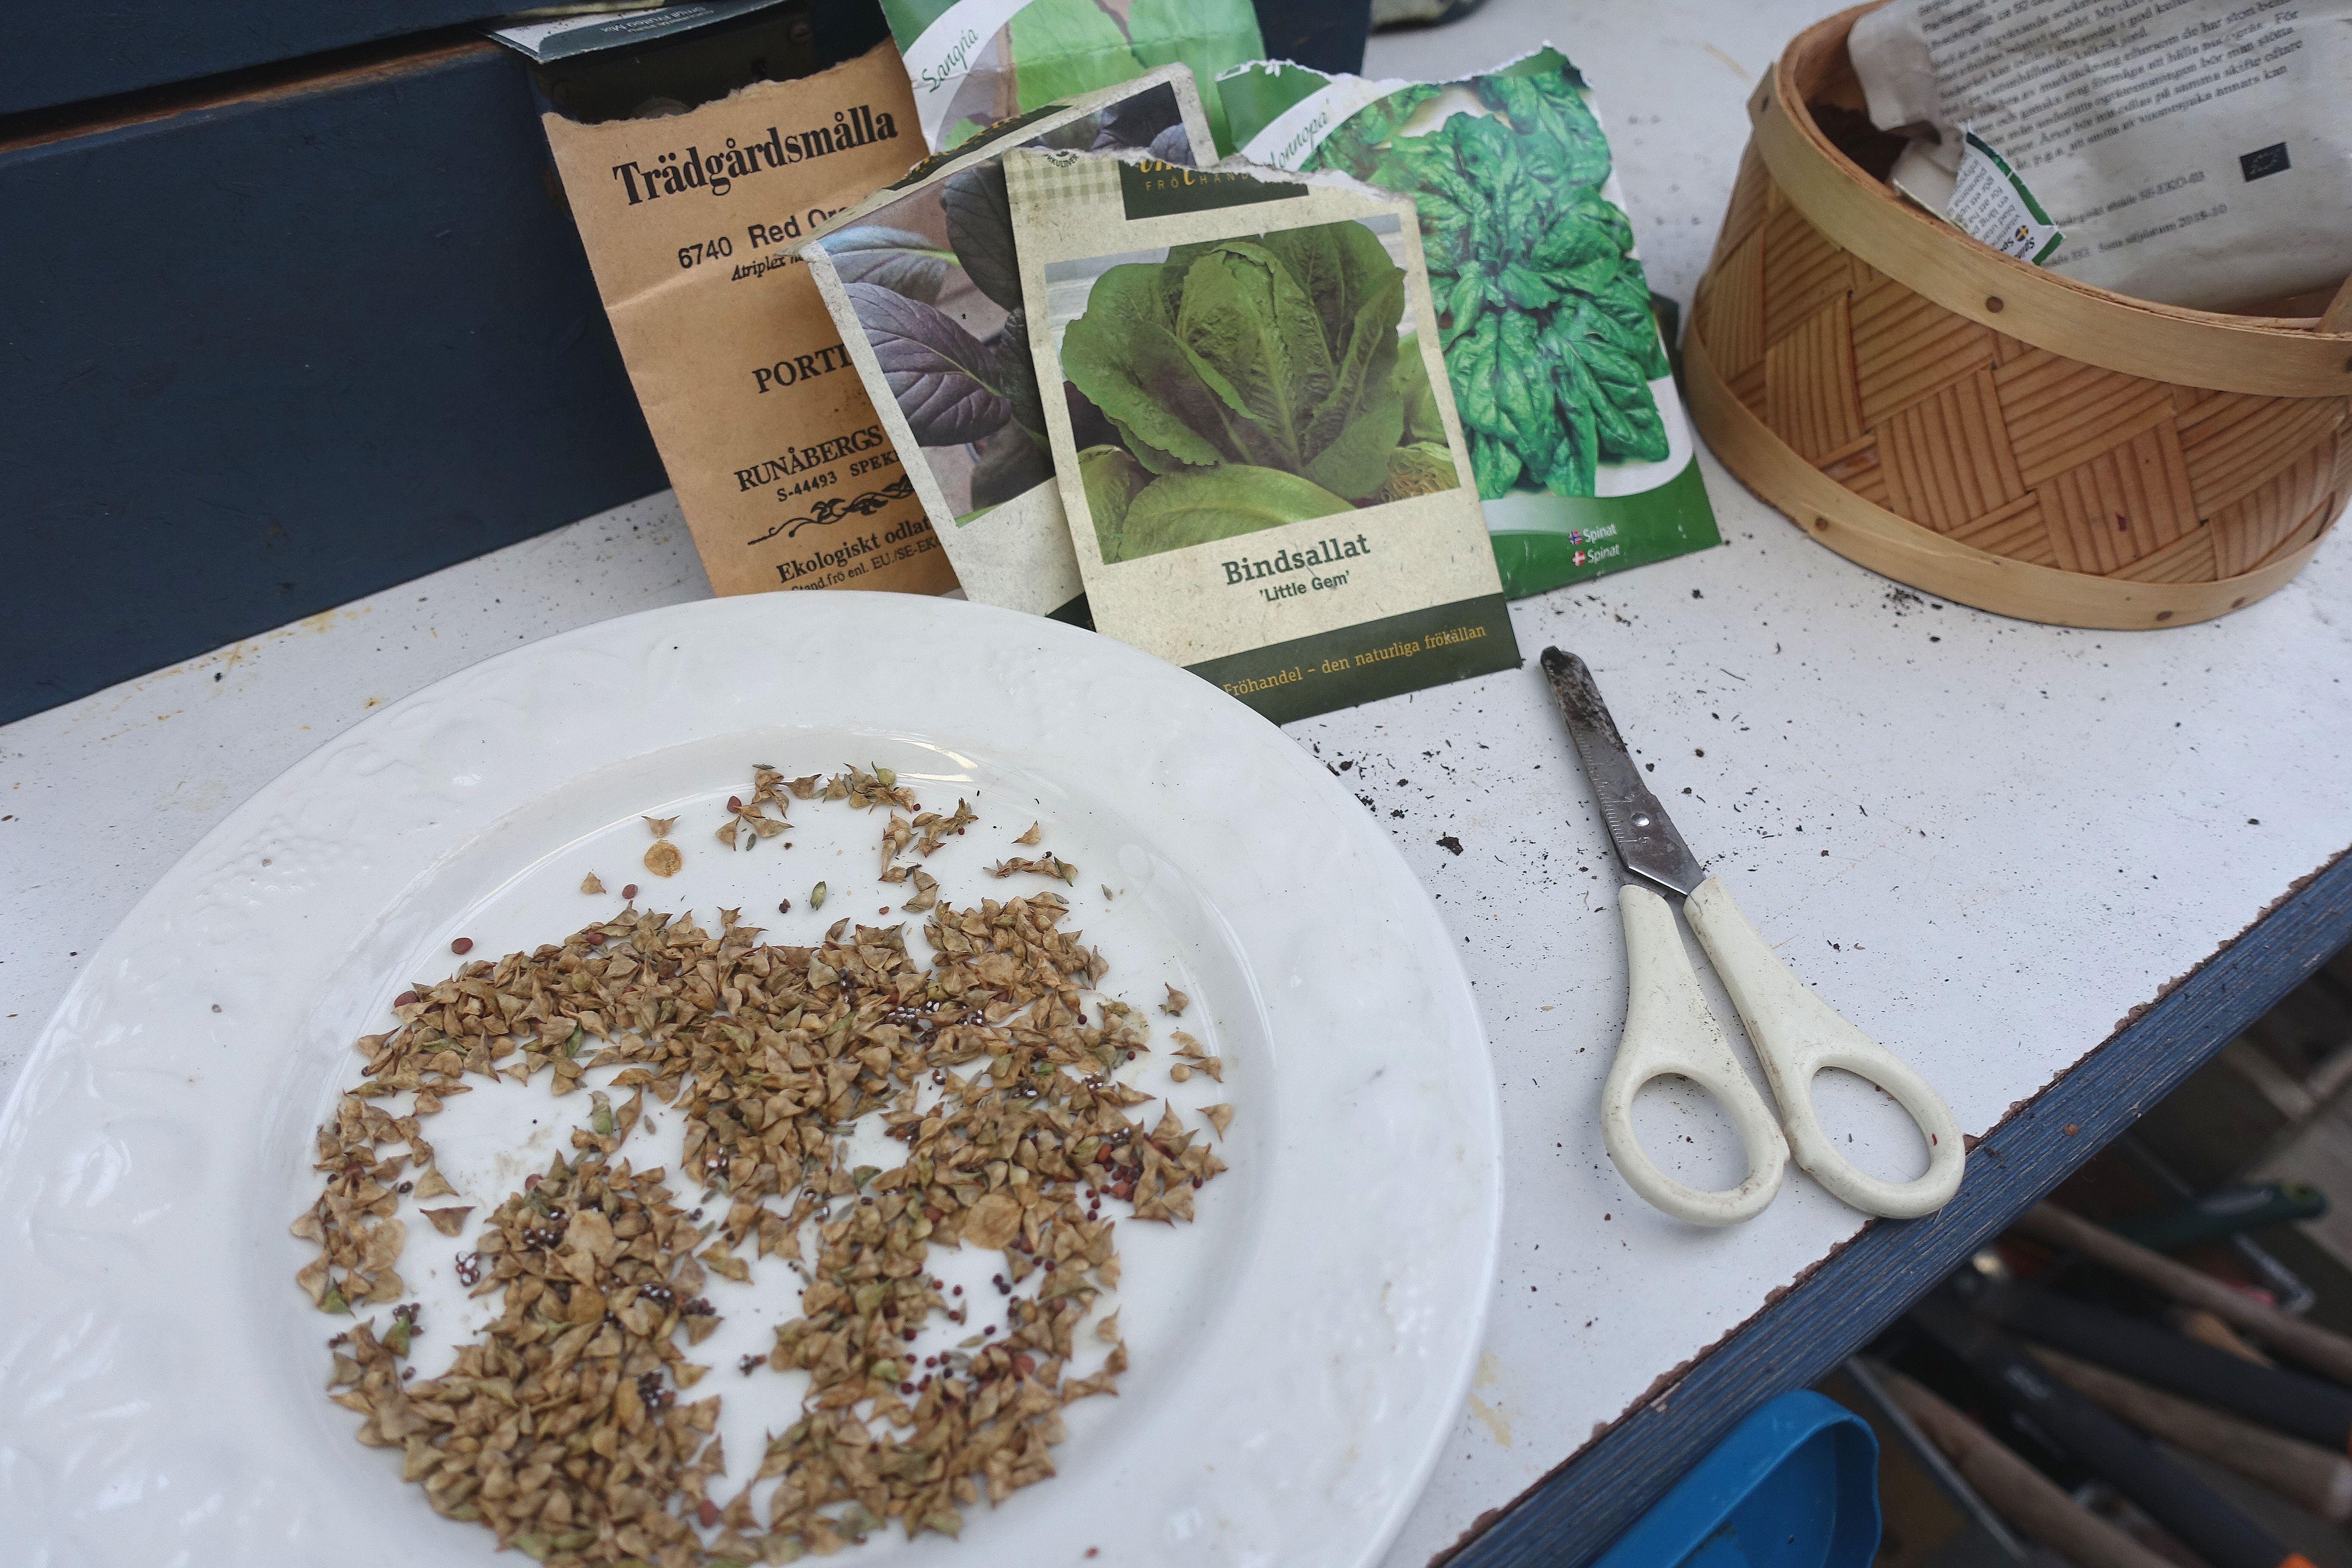 Fröpåsar på en bänk och en tallrik med fröer på. Wintersowing, seedpackets.